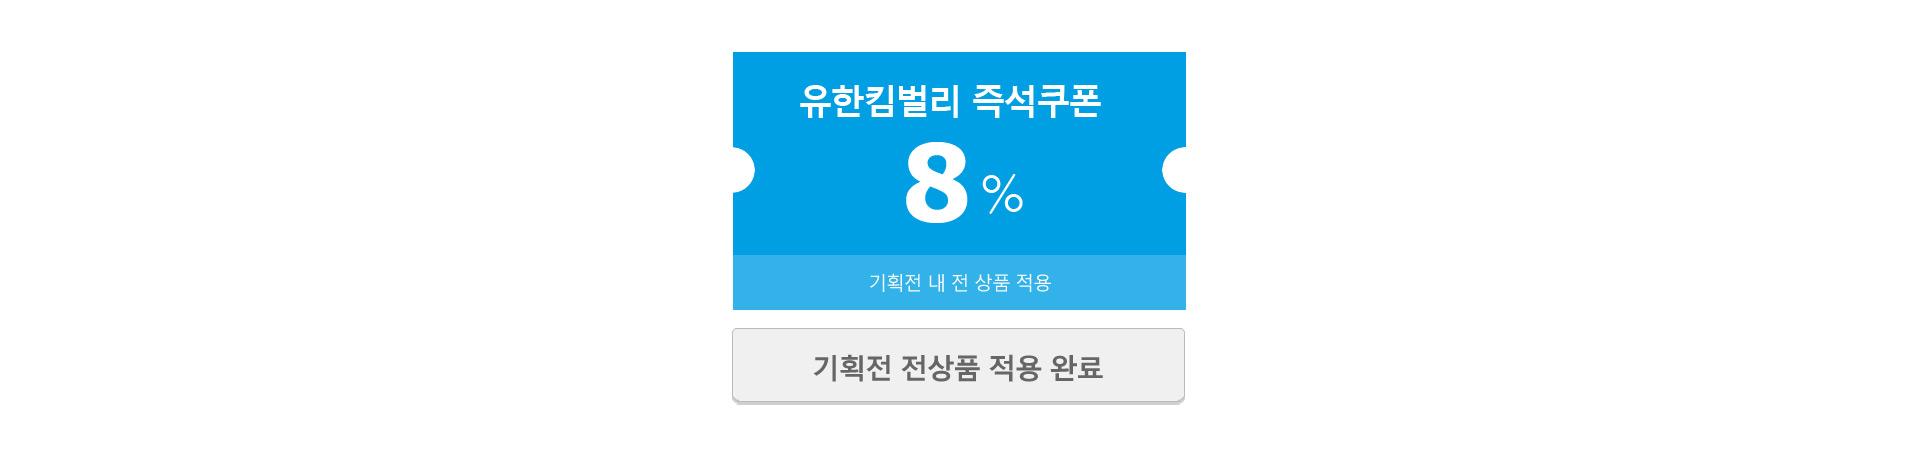 유한킴벌리 8% 기획전 내 전 상품 적용 기획전 전 상품 적용 완료